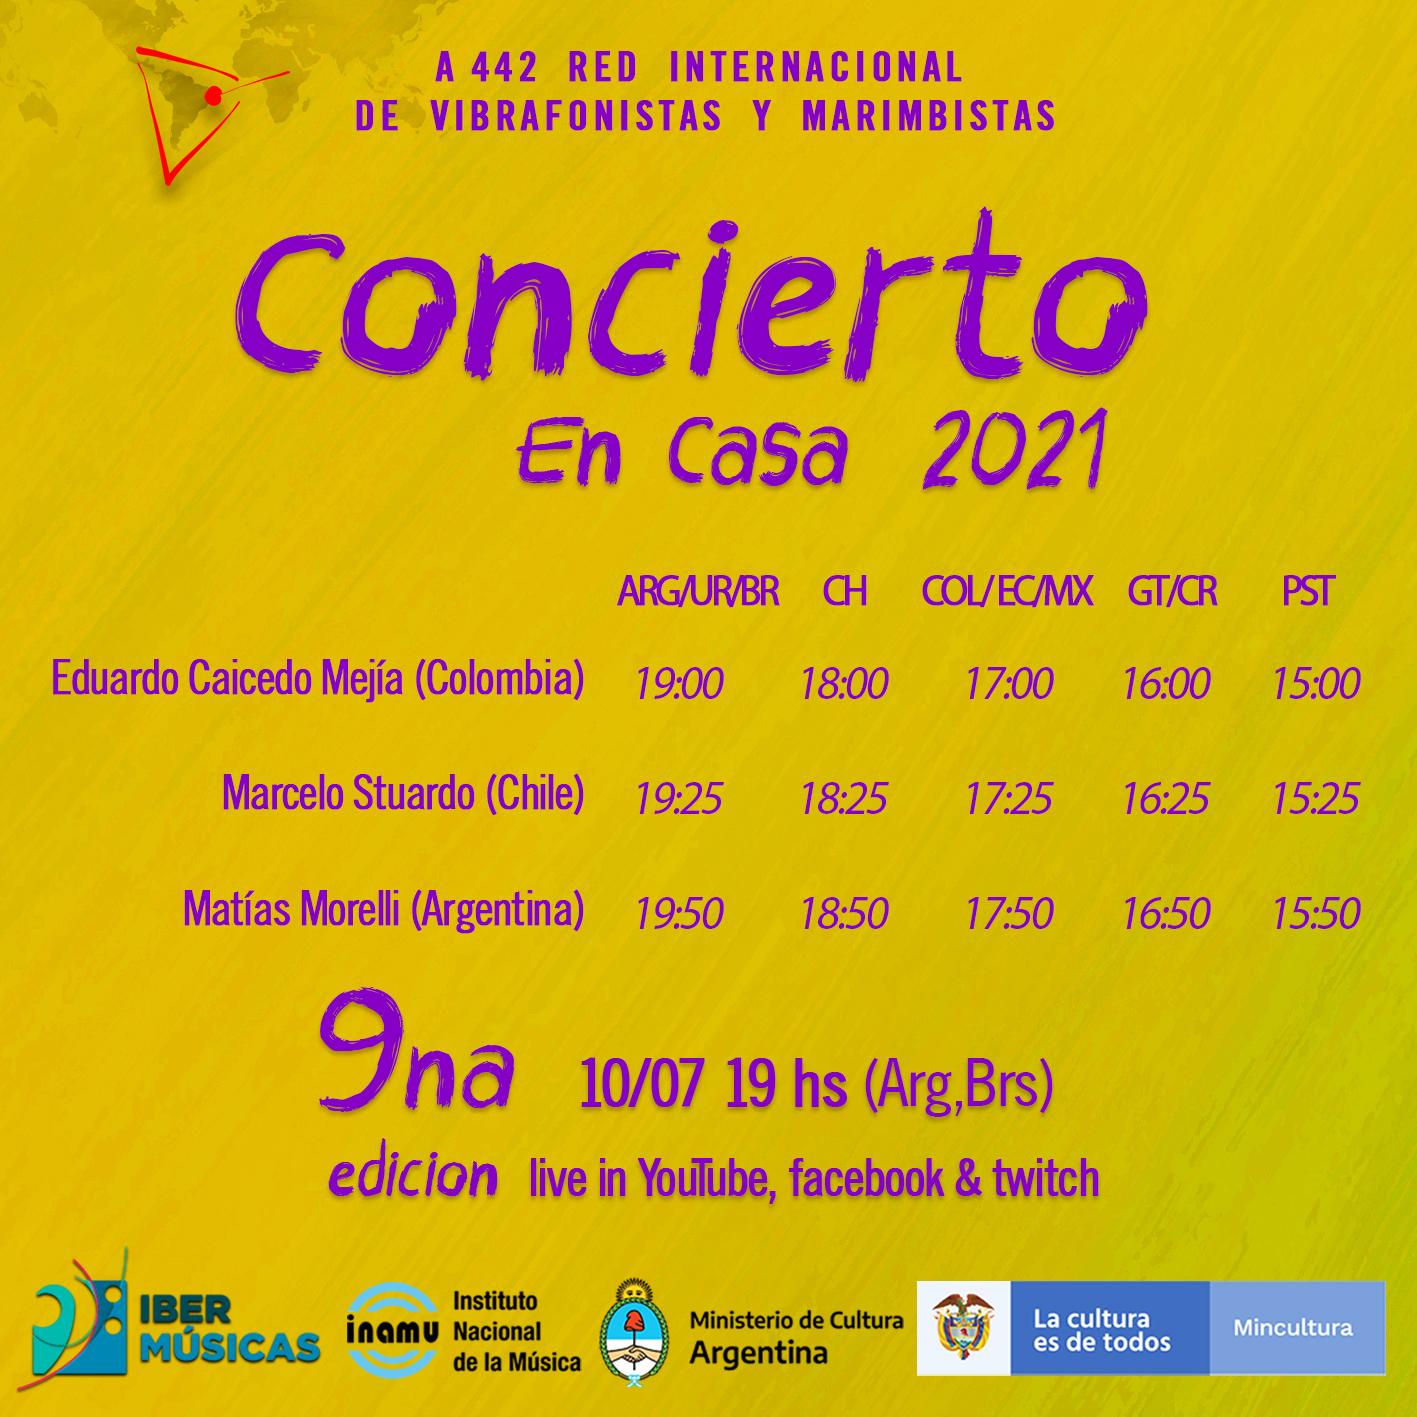 Llega un nuevo concierto de A442, Red Internacional de Marimbistas y Vibrafonistas